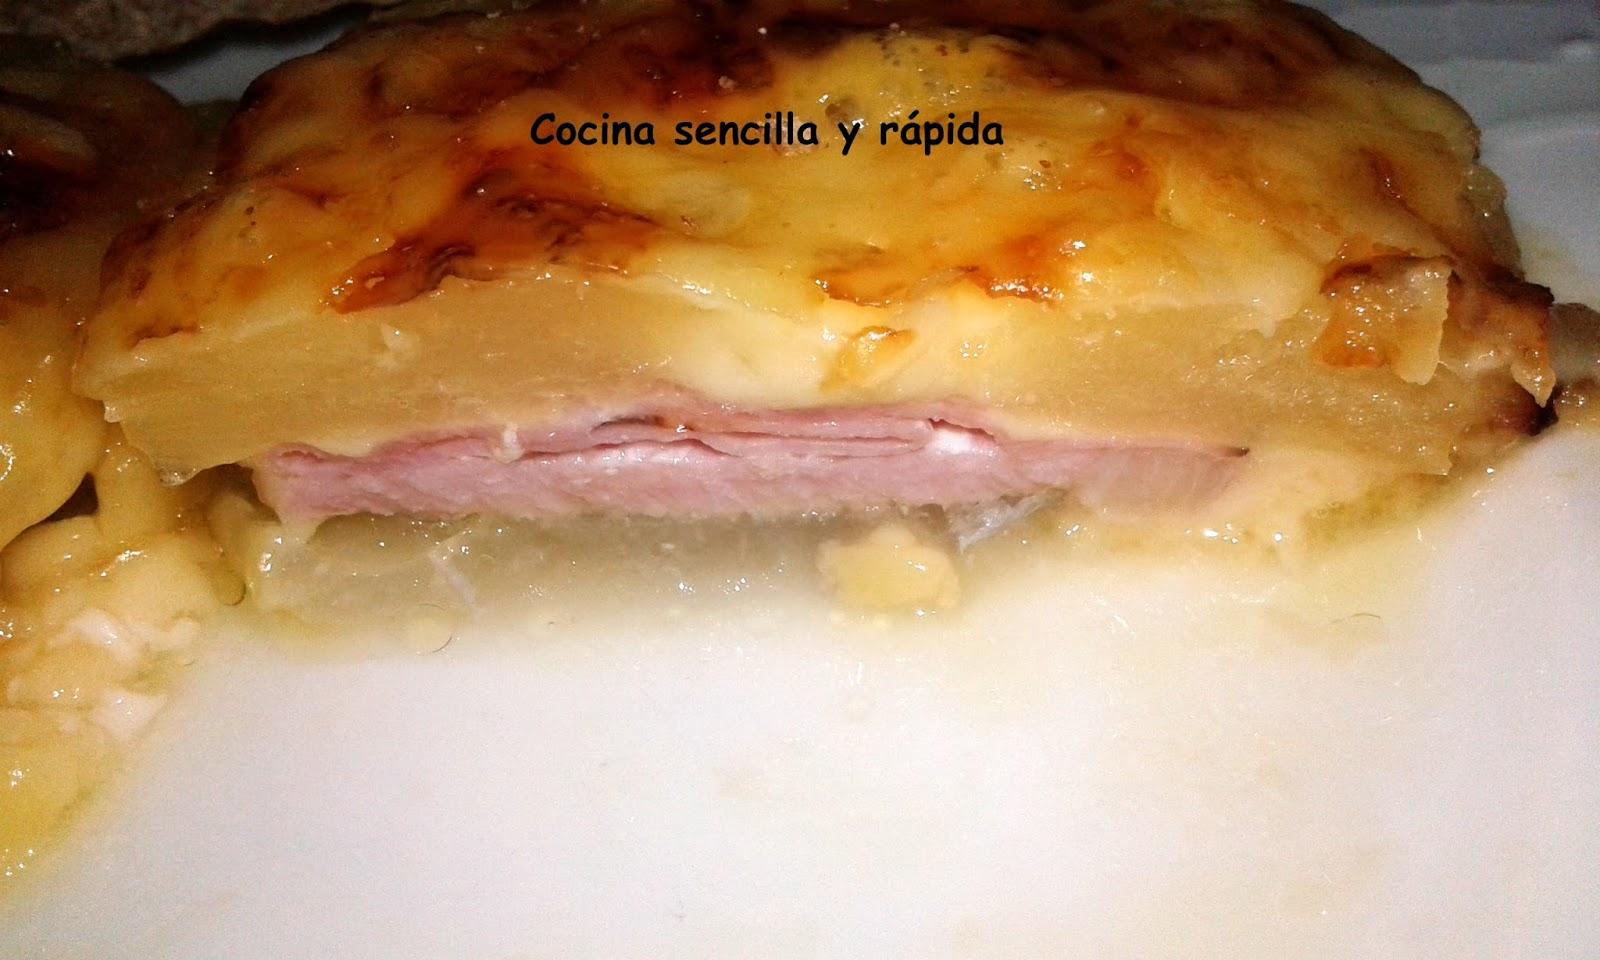 Cocina sencilla y r pida lomo con pi a for Cocina rapida y sencilla